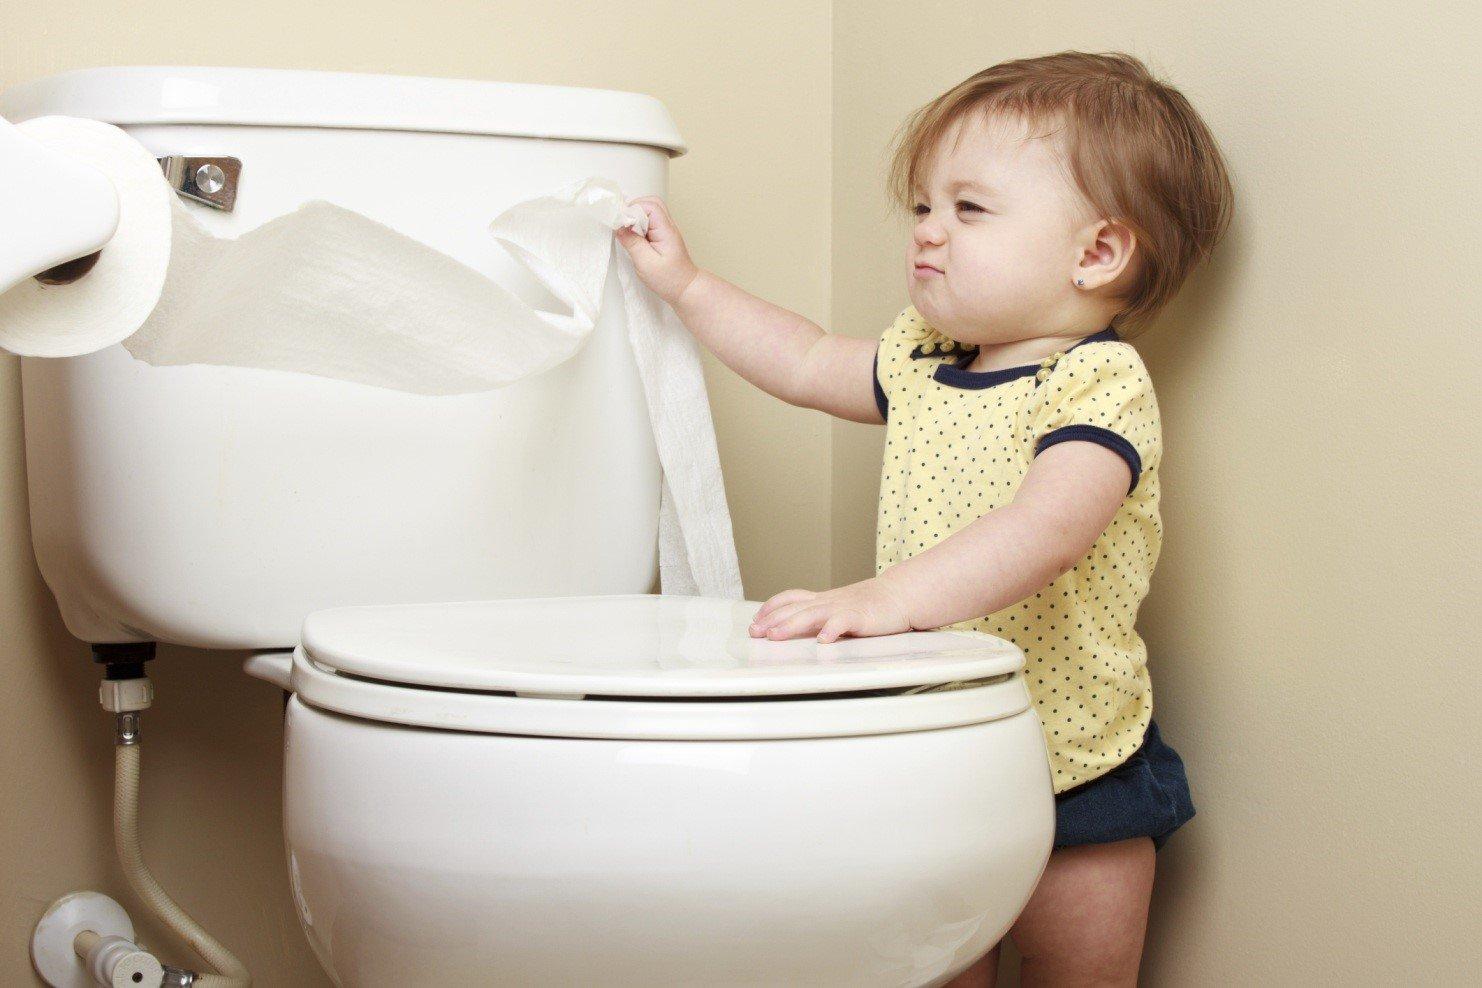 Cảnh báo những hệ lụy đáng sợ từ thói quen nhịn đi vệ sinh 4